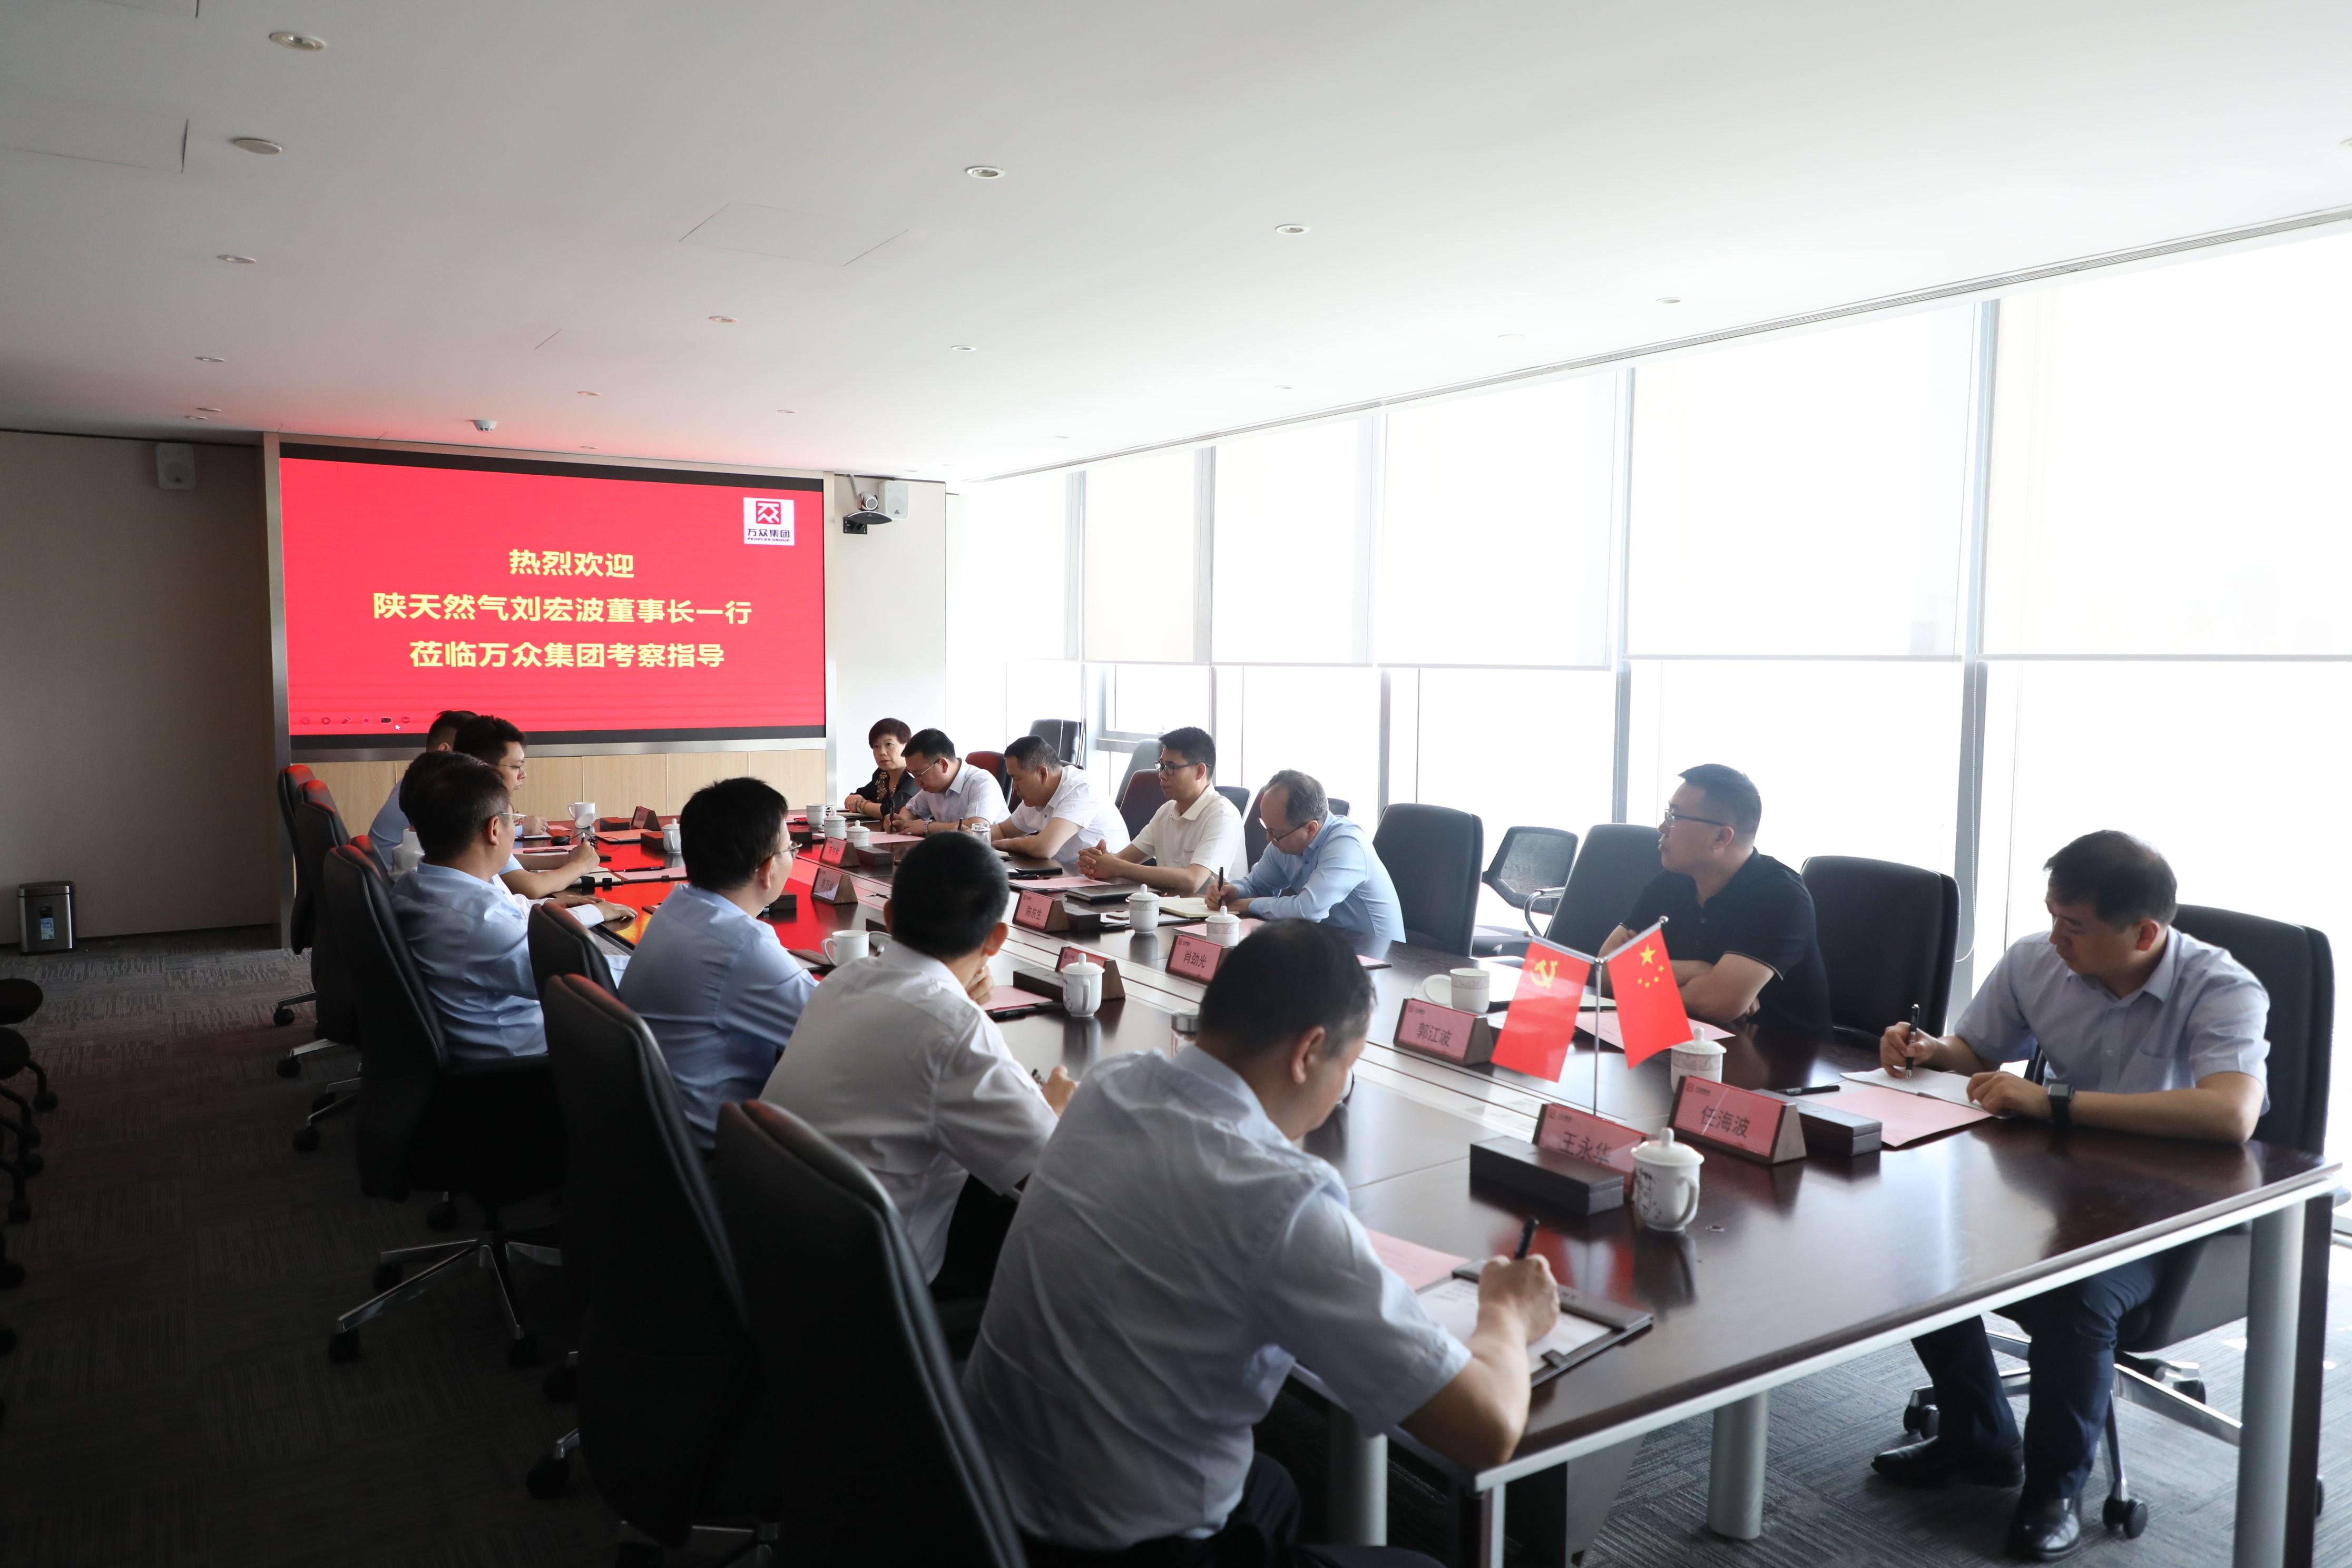 陕天然气党委书记、董事长刘宏波一行莅临牛彩彩票网集团考察指导